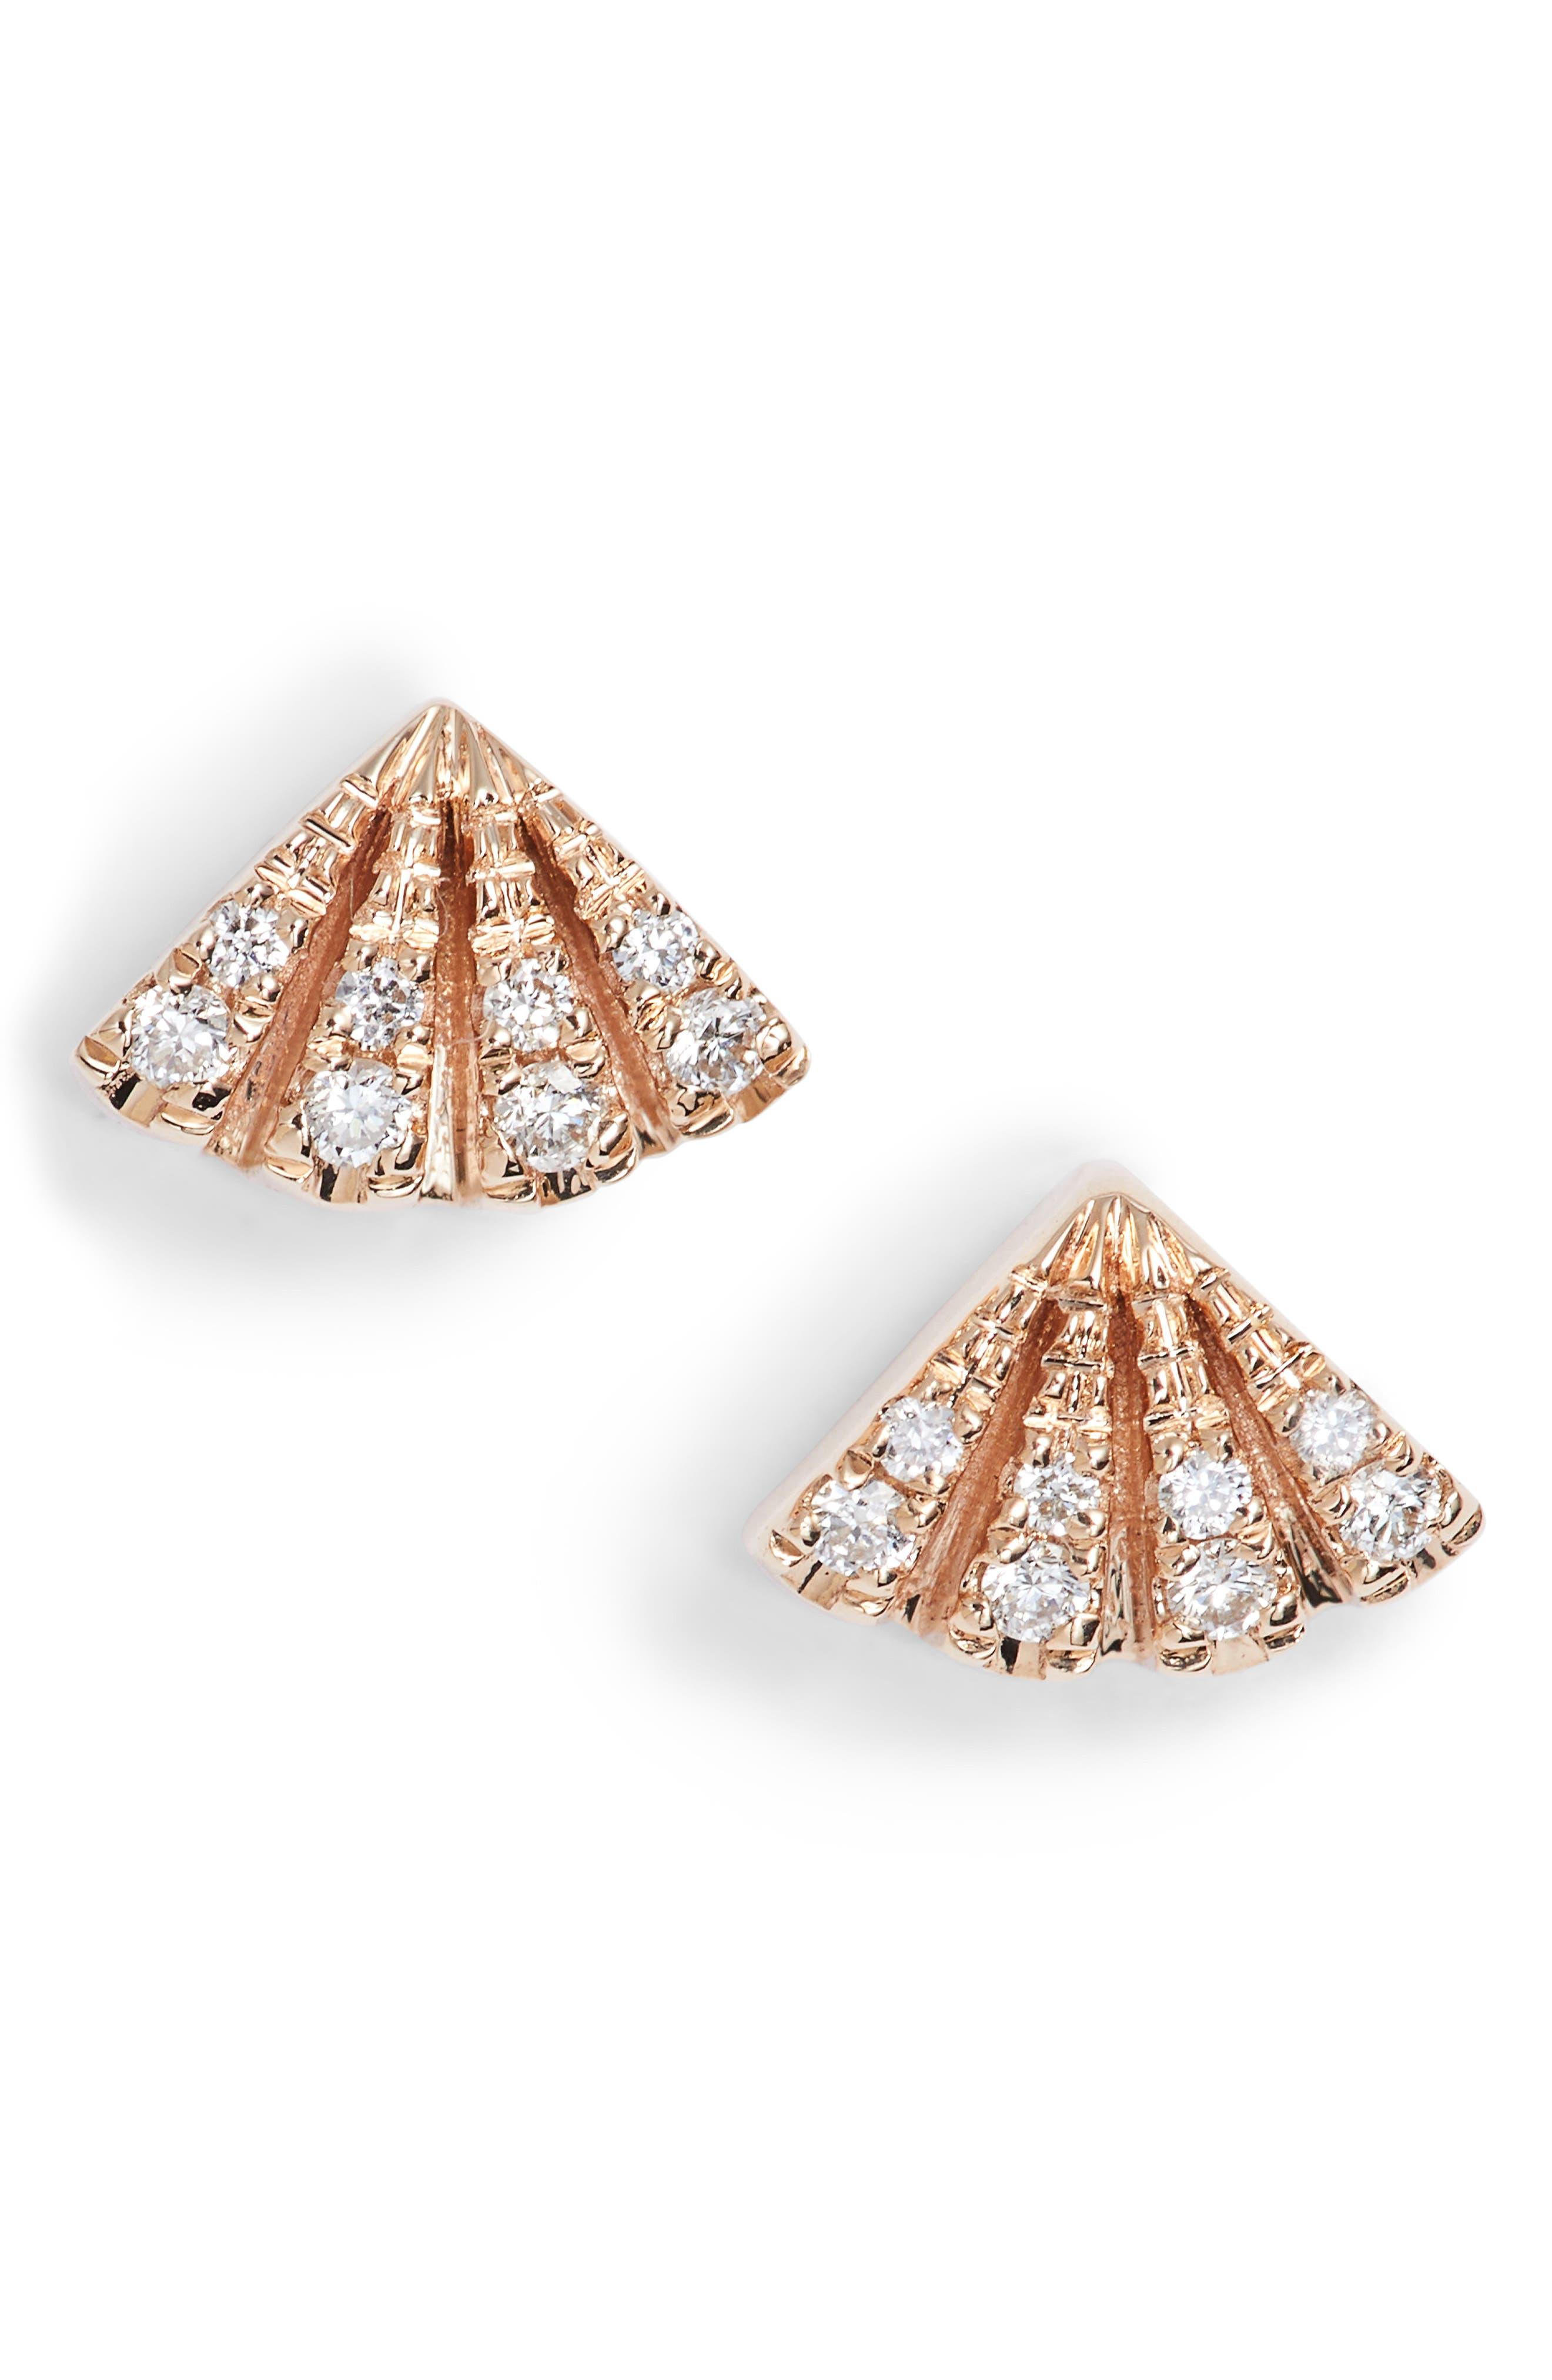 Dana Rebecca Isla Rio Diamond Fan Stud Earrings